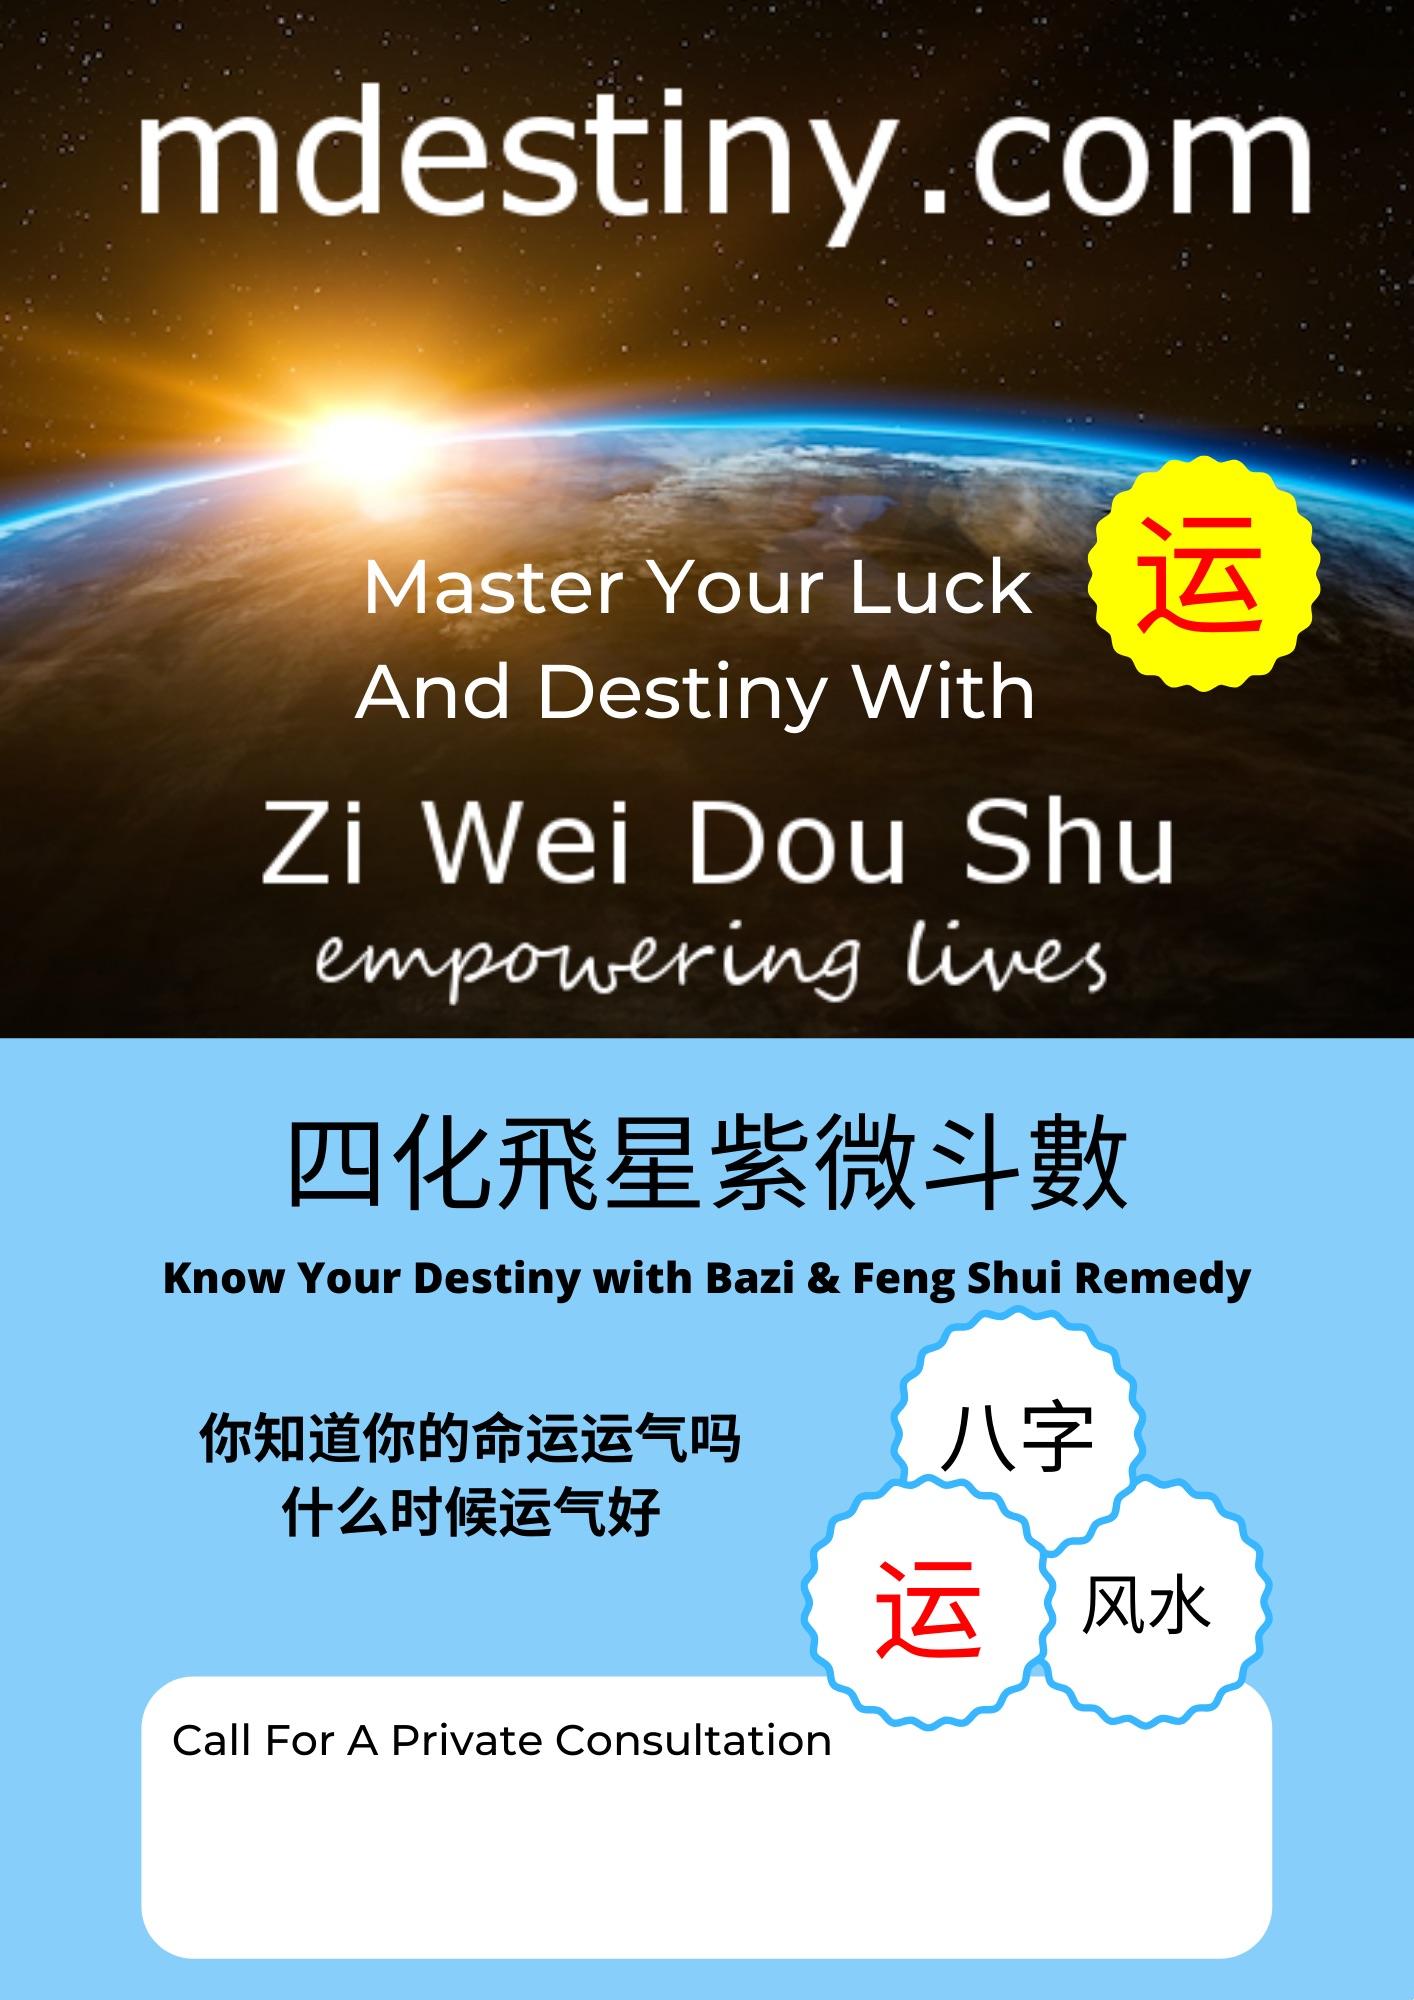 Zi Wei Dou Shu/Bazi Consultation